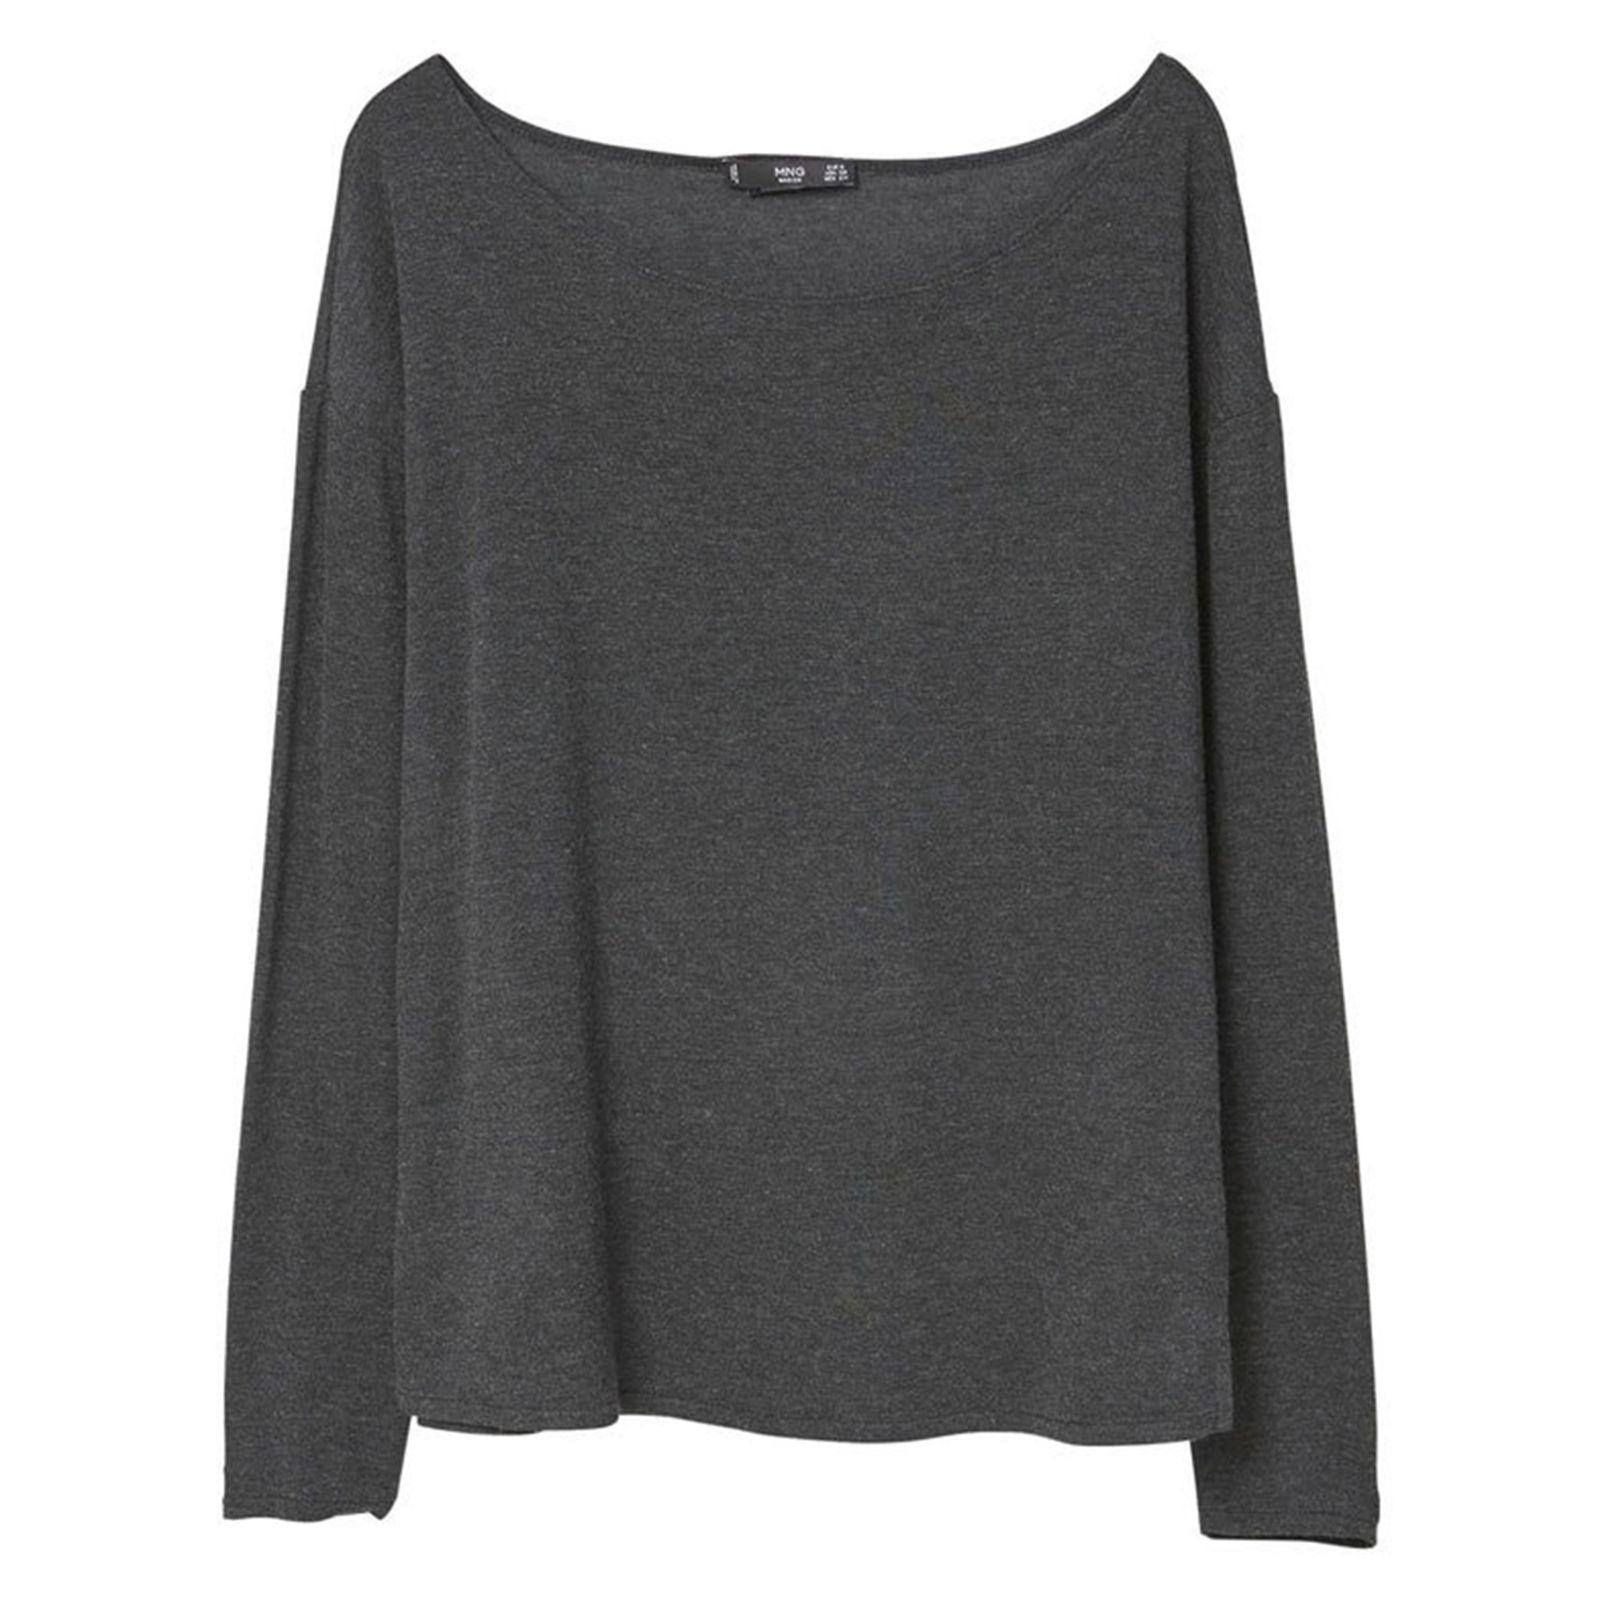 تی شرت ویسکوز آستین بلند زنانه - مانگو - زغالي - 1